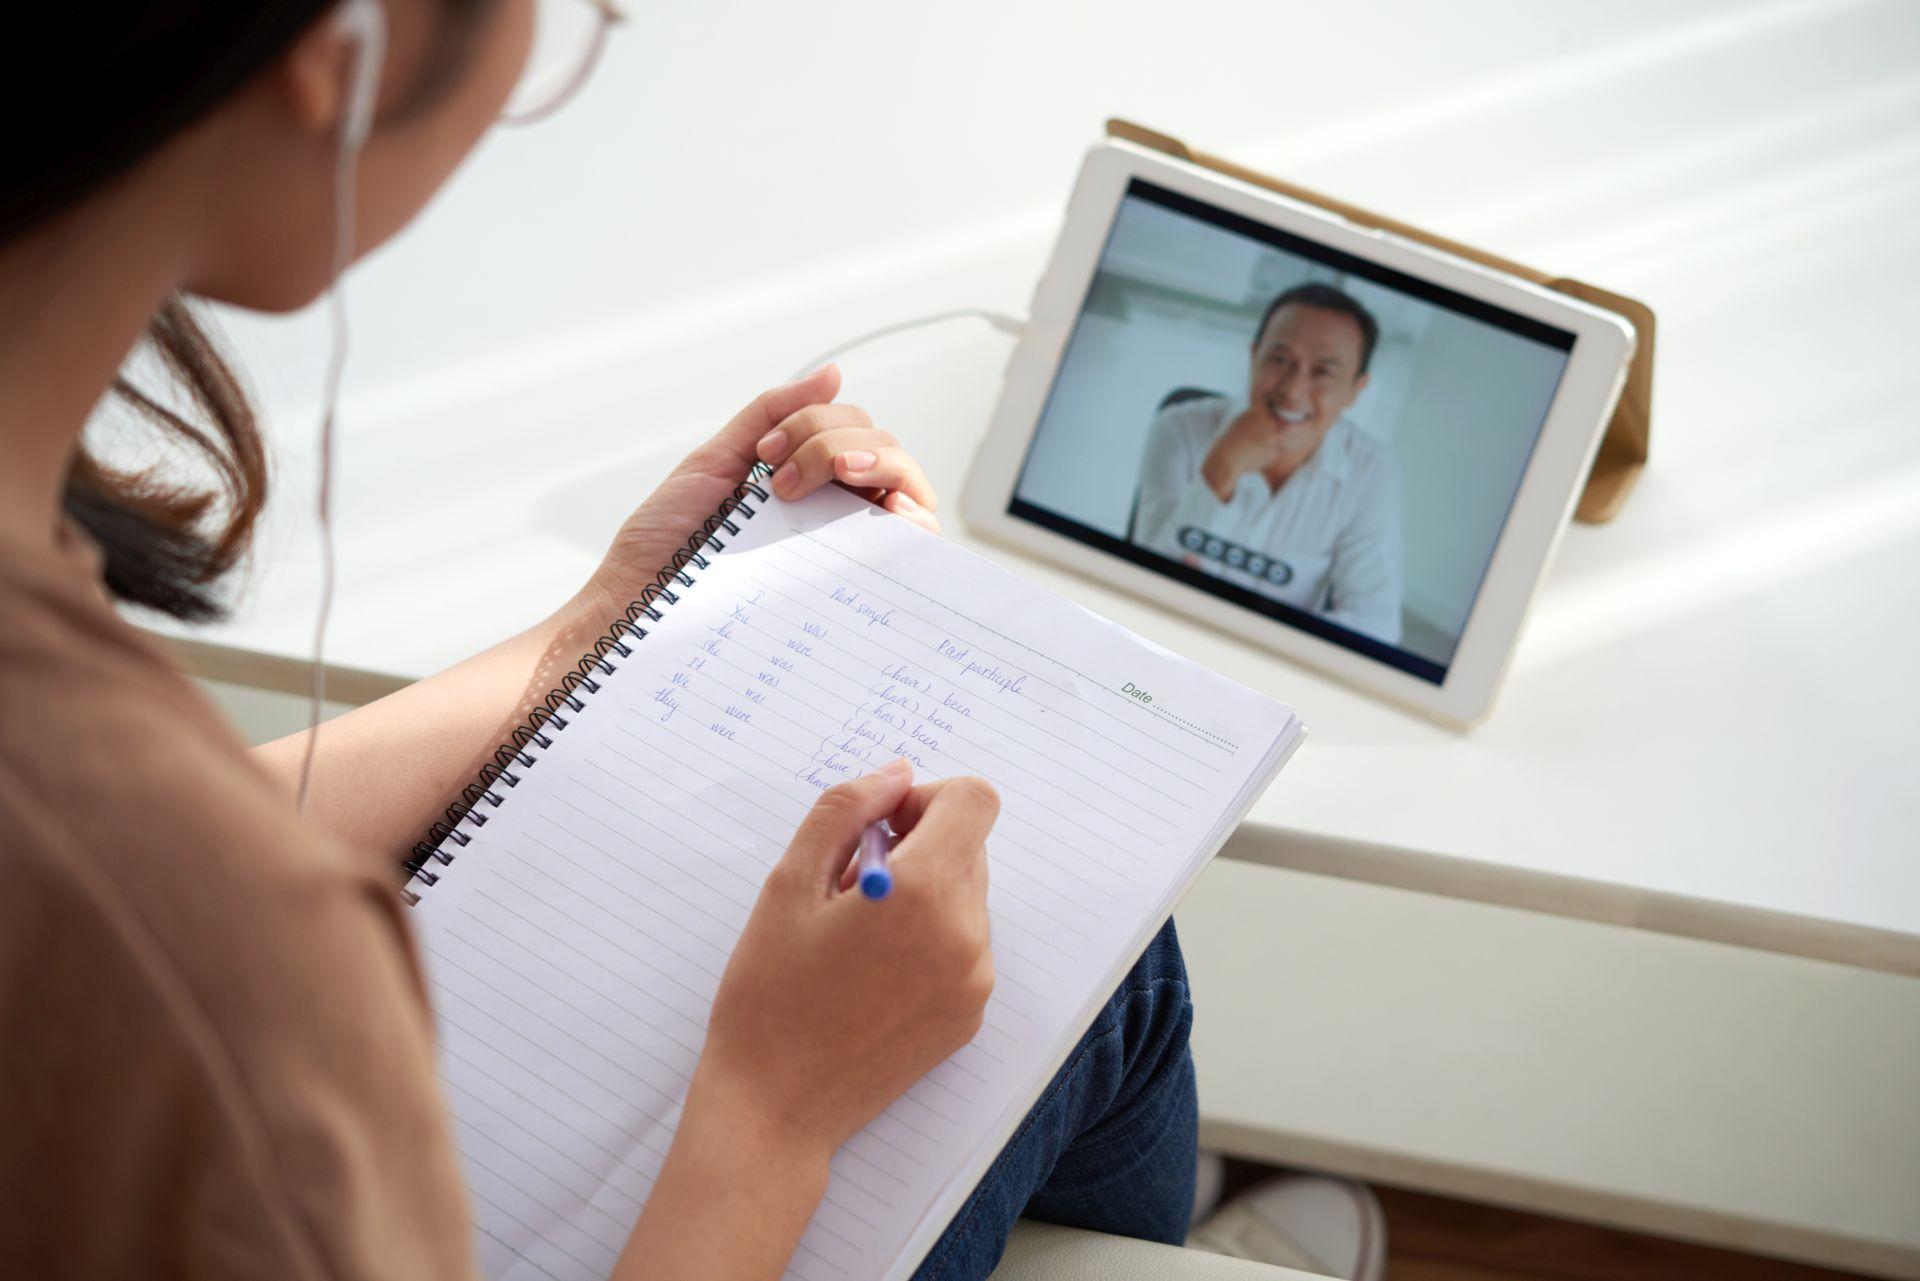 Online tanfolyamot keresel? – Ezt mindenképpen olvasd el előtte! - SzakmaBLOG